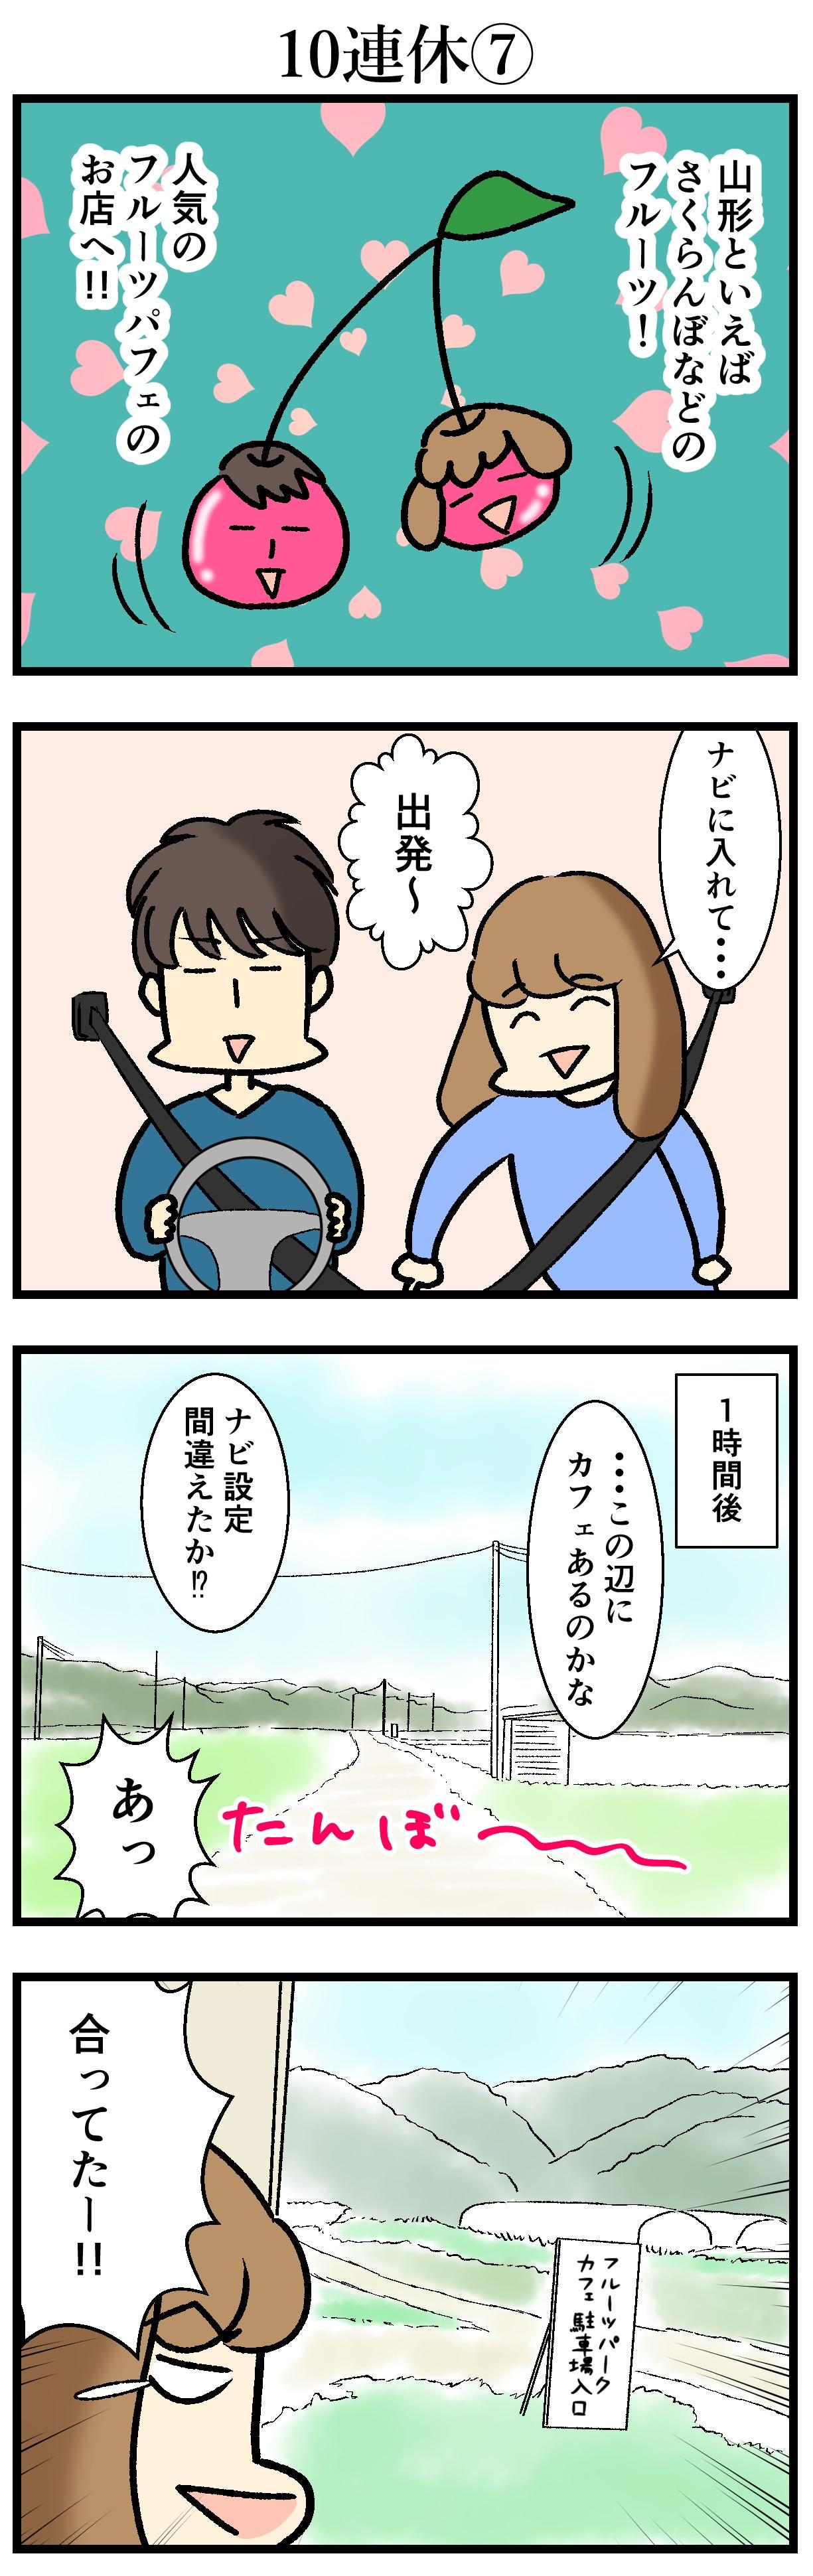 【エッセイ漫画】アラサー主婦くま子のふがいない日常(117)